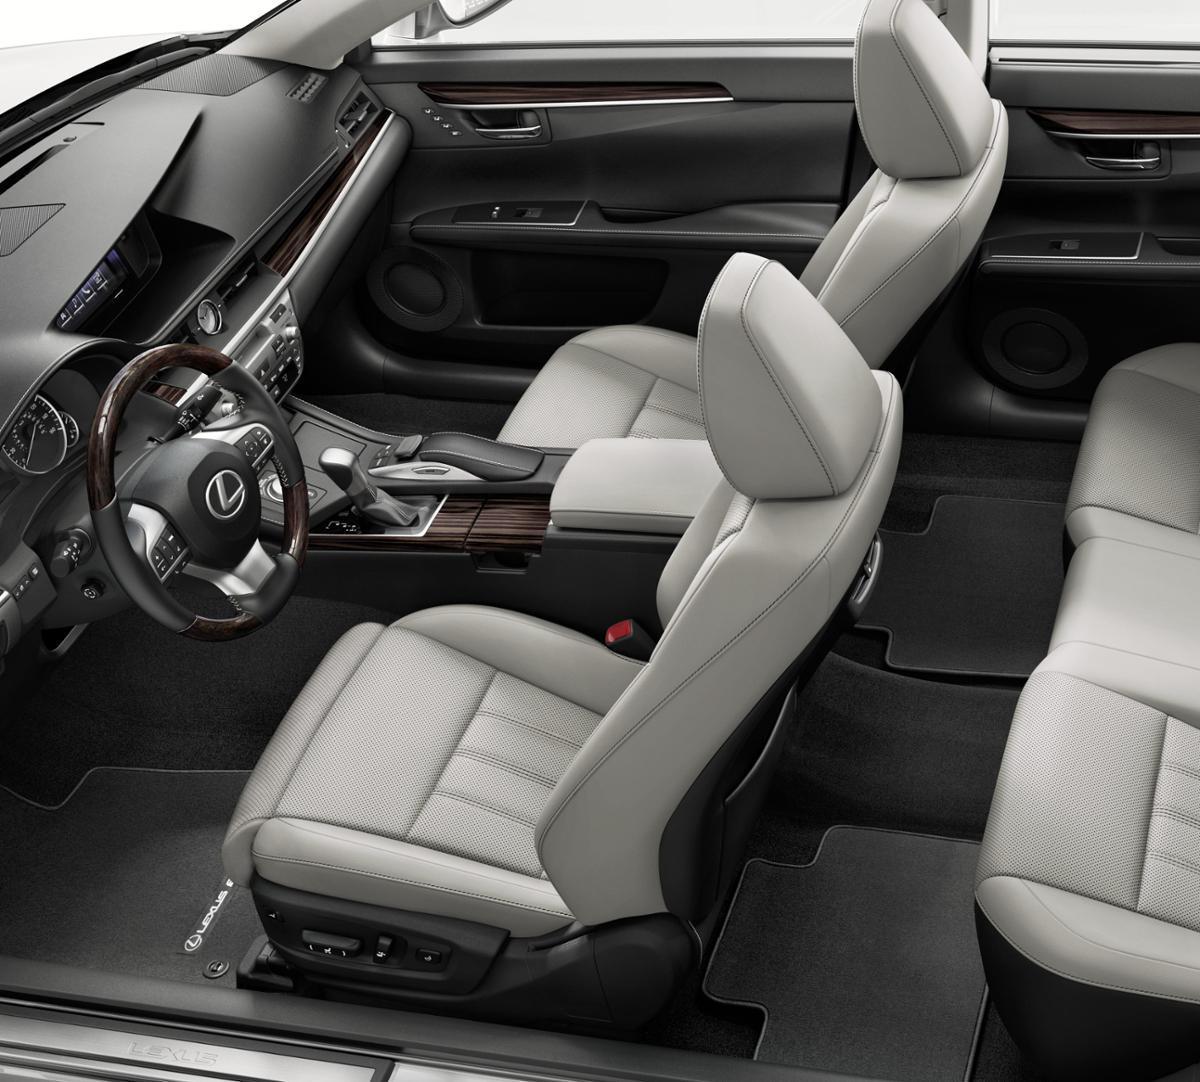 2018 Lexus ES 300h for Sale in Cerritos at Lexus of Cerritos